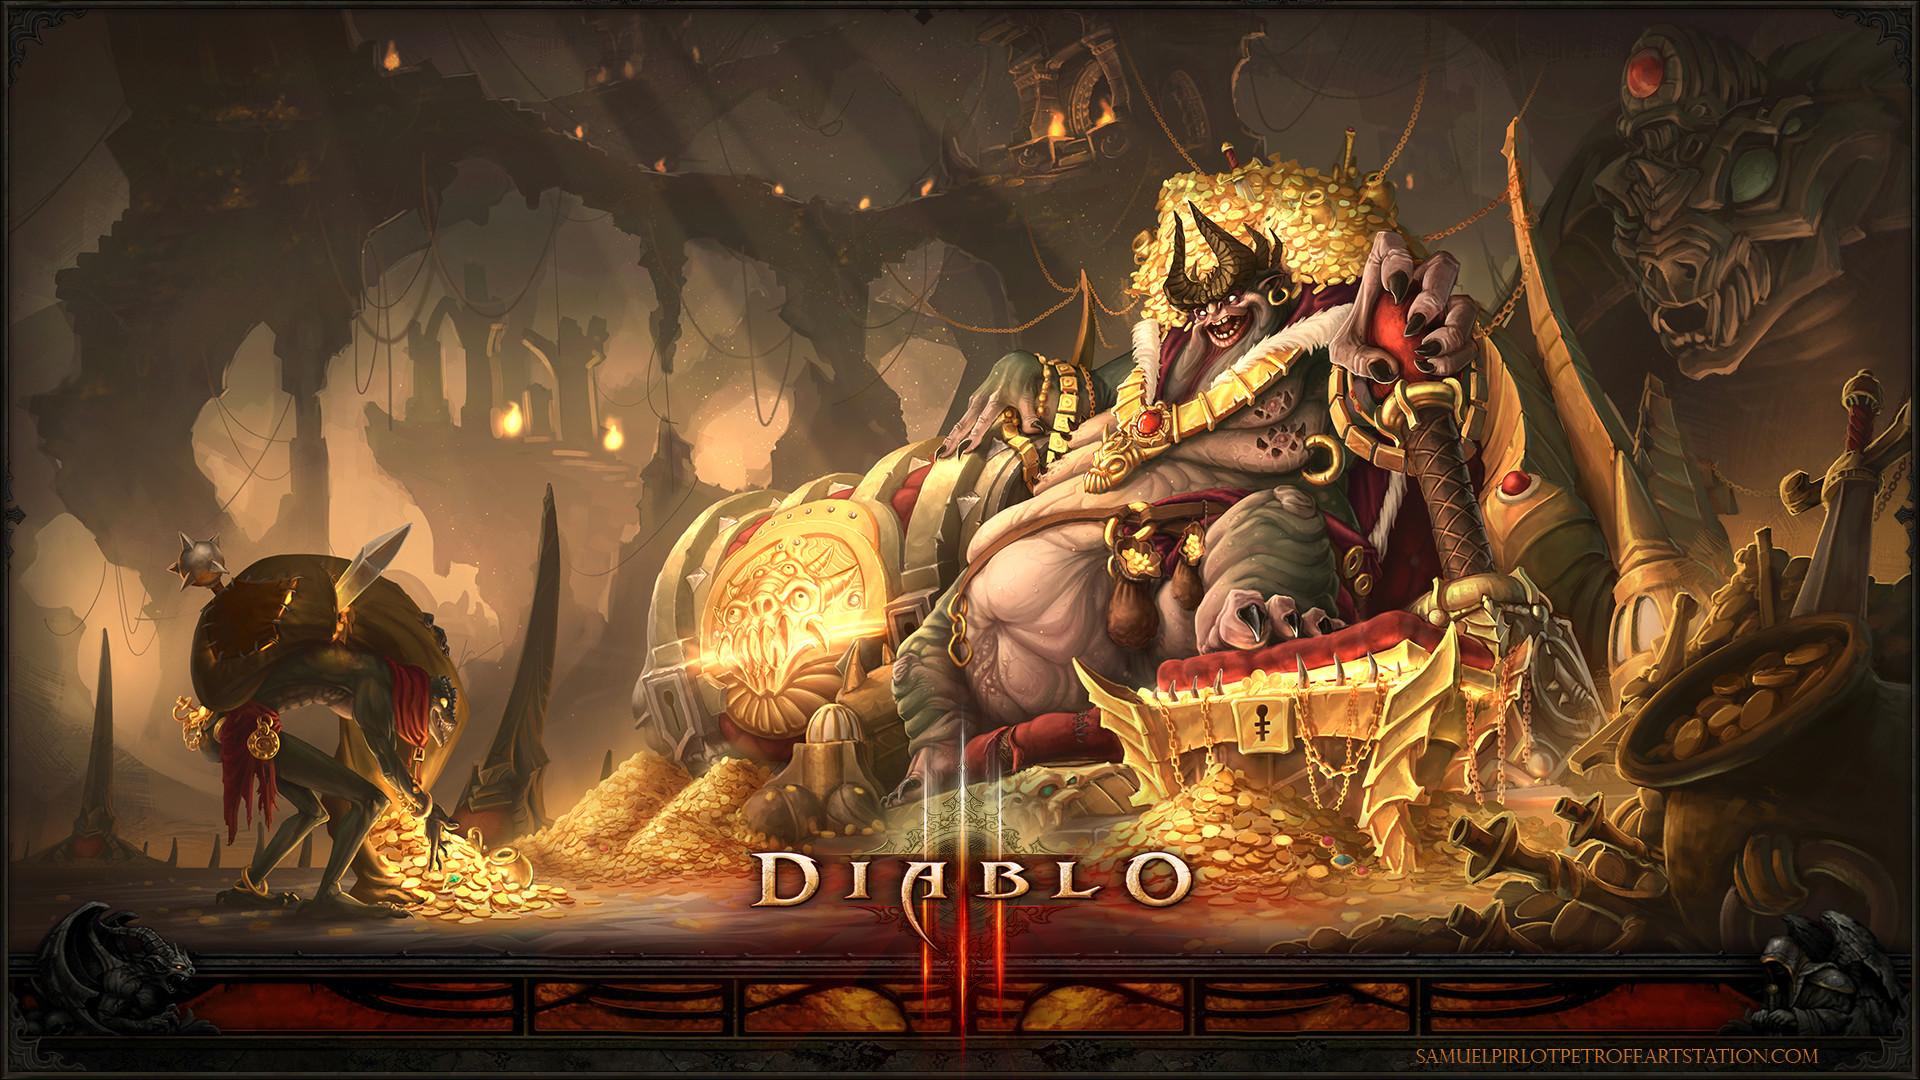 Morhaime erklärt den Geburtsfehler von Diablo 3 und wie Blizzard ihn los wurde